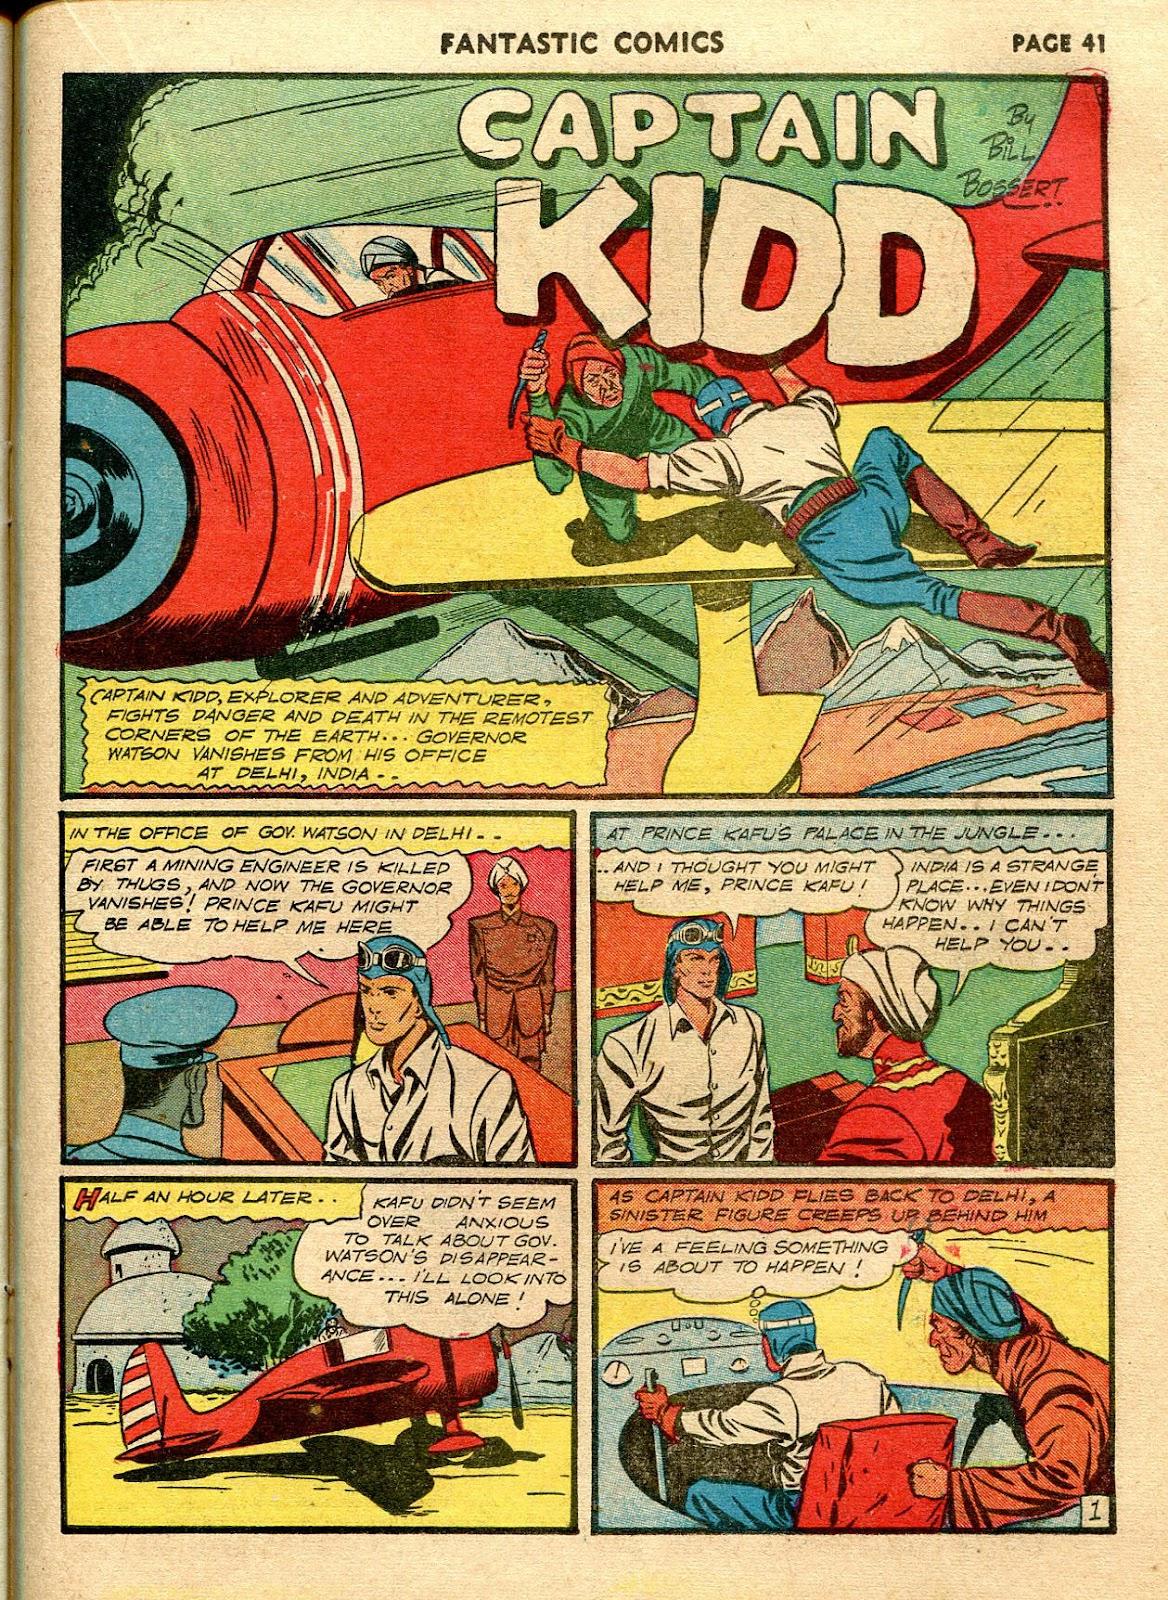 Read online Fantastic Comics comic -  Issue #21 - 39